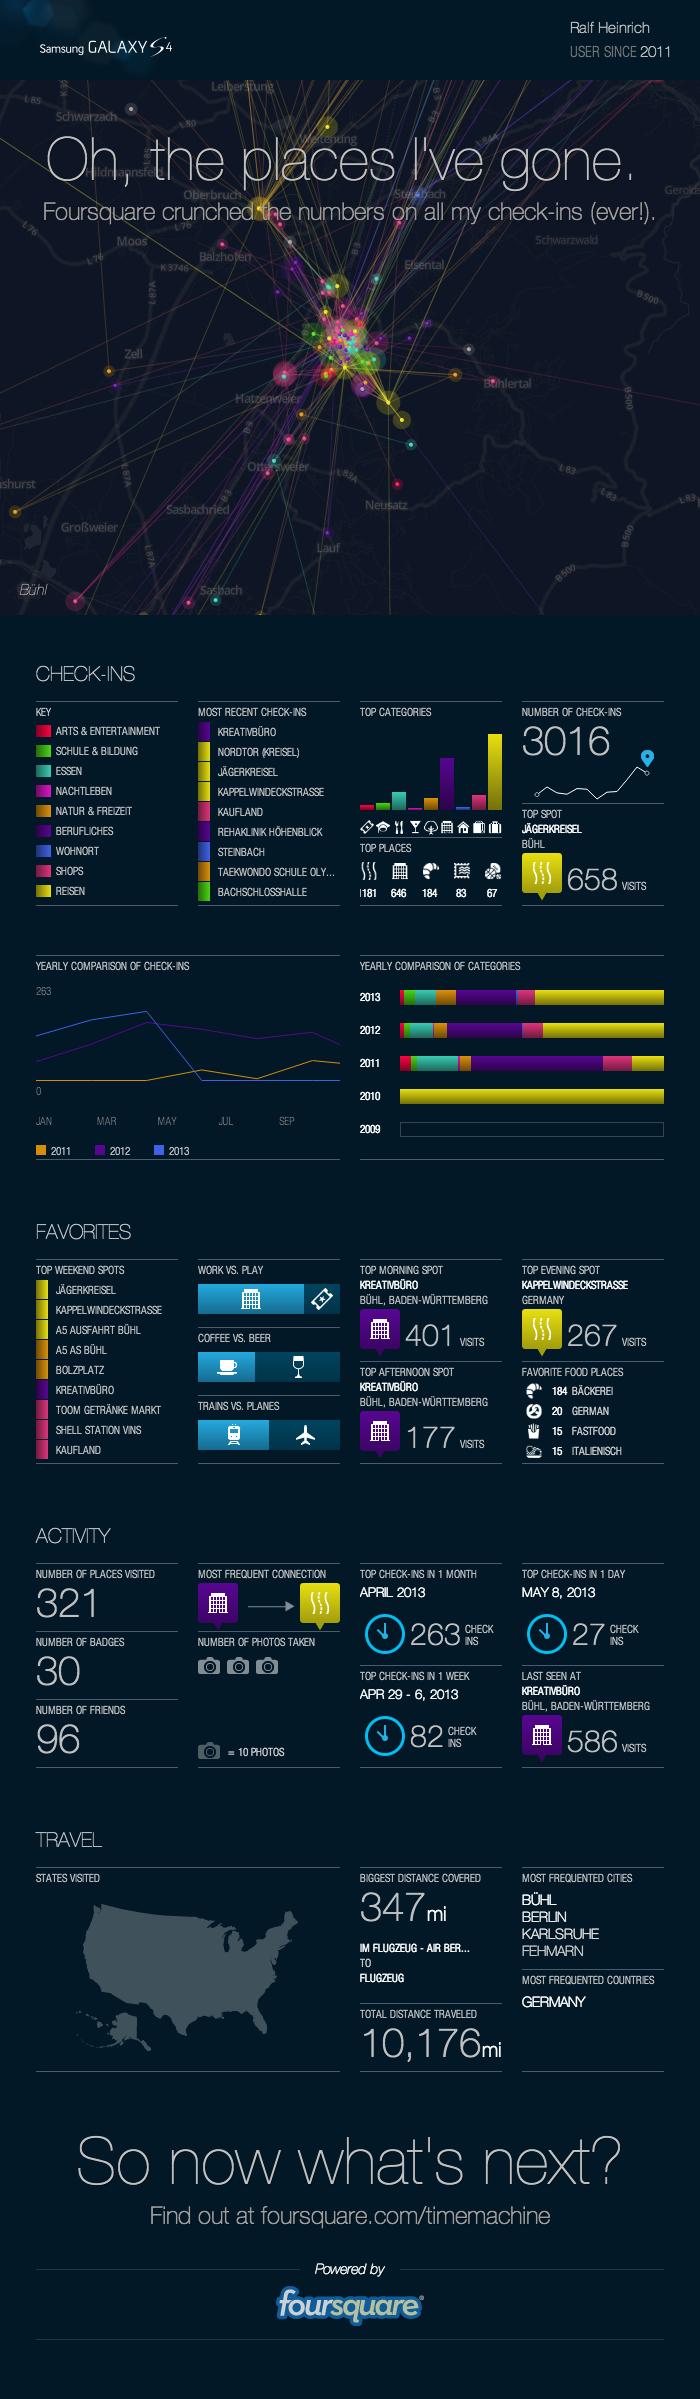 foursquare Stats 06-2013